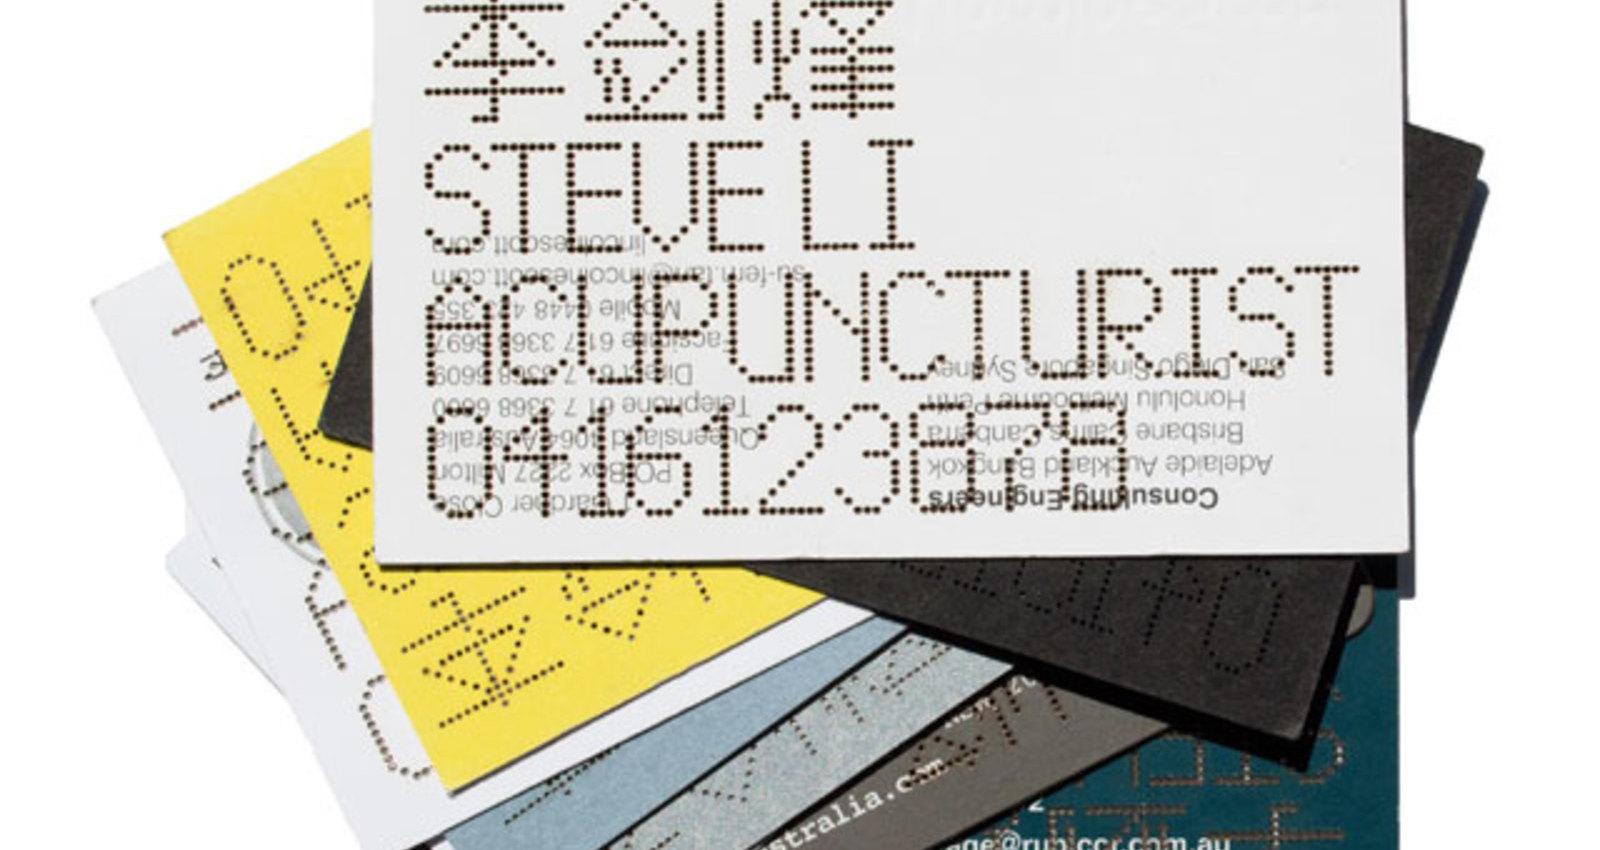 Steve Li Acupuncturist